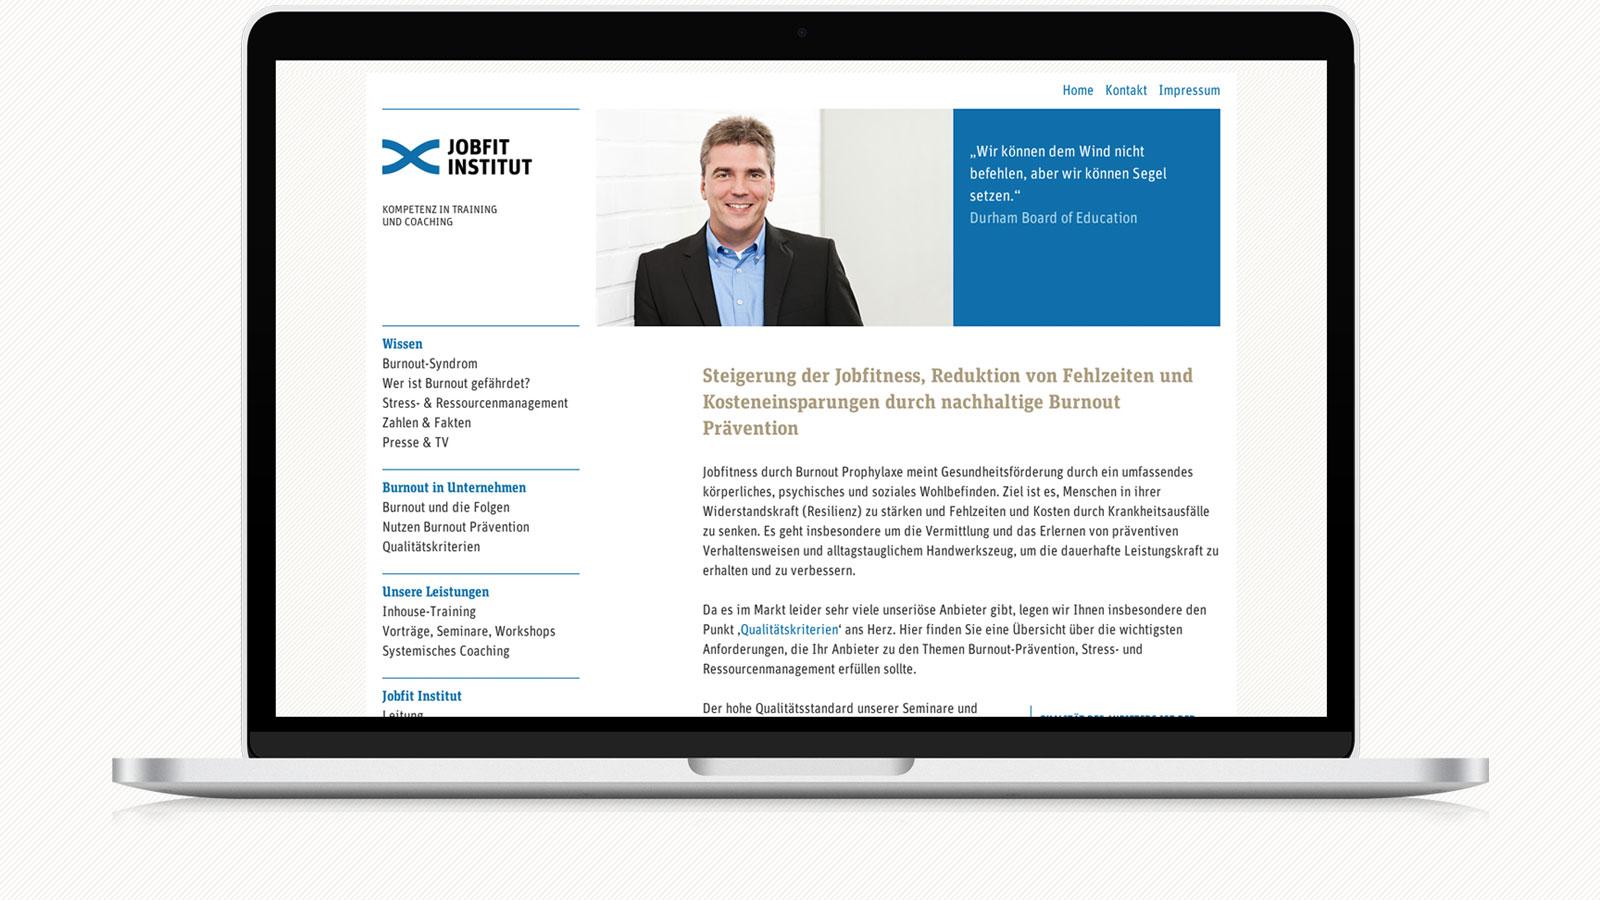 Respornsive Webdesign für Jobfit Institut